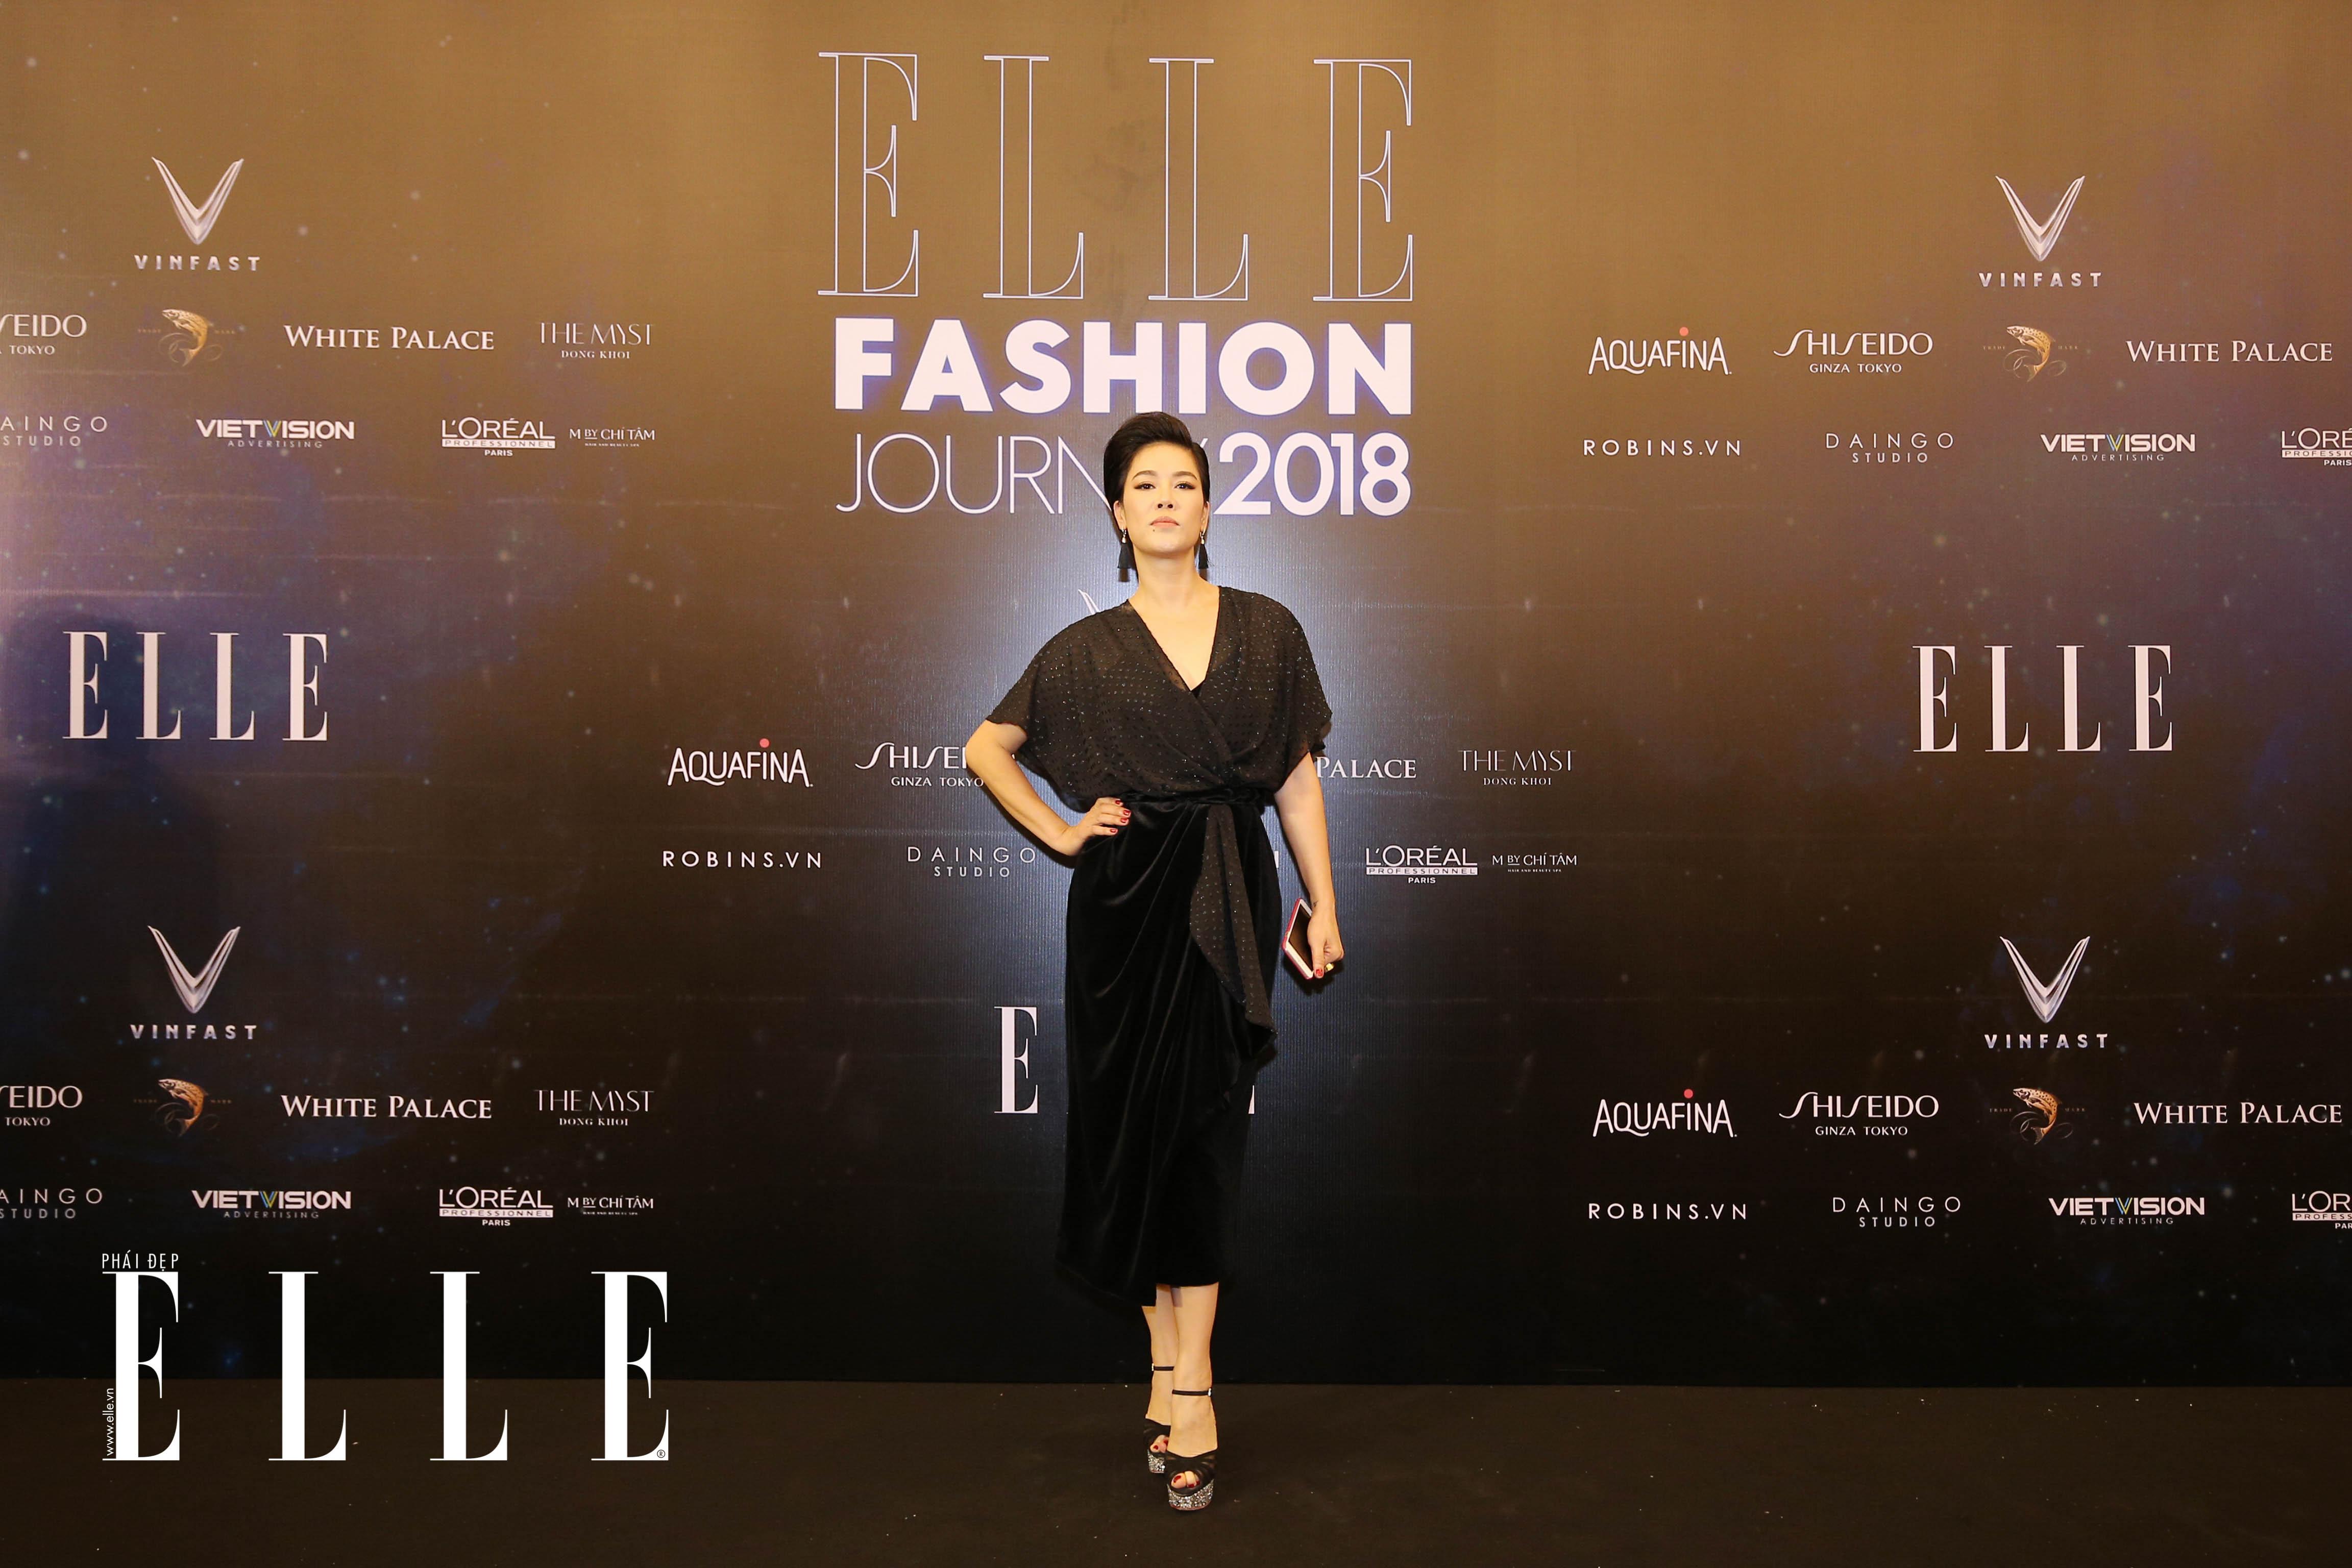 BL8Q5761 Mỹ Tâm, Thanh Hằng cùng dàn sao rạng rỡ trên thảm đỏ ELLE Fashion Journey 2018